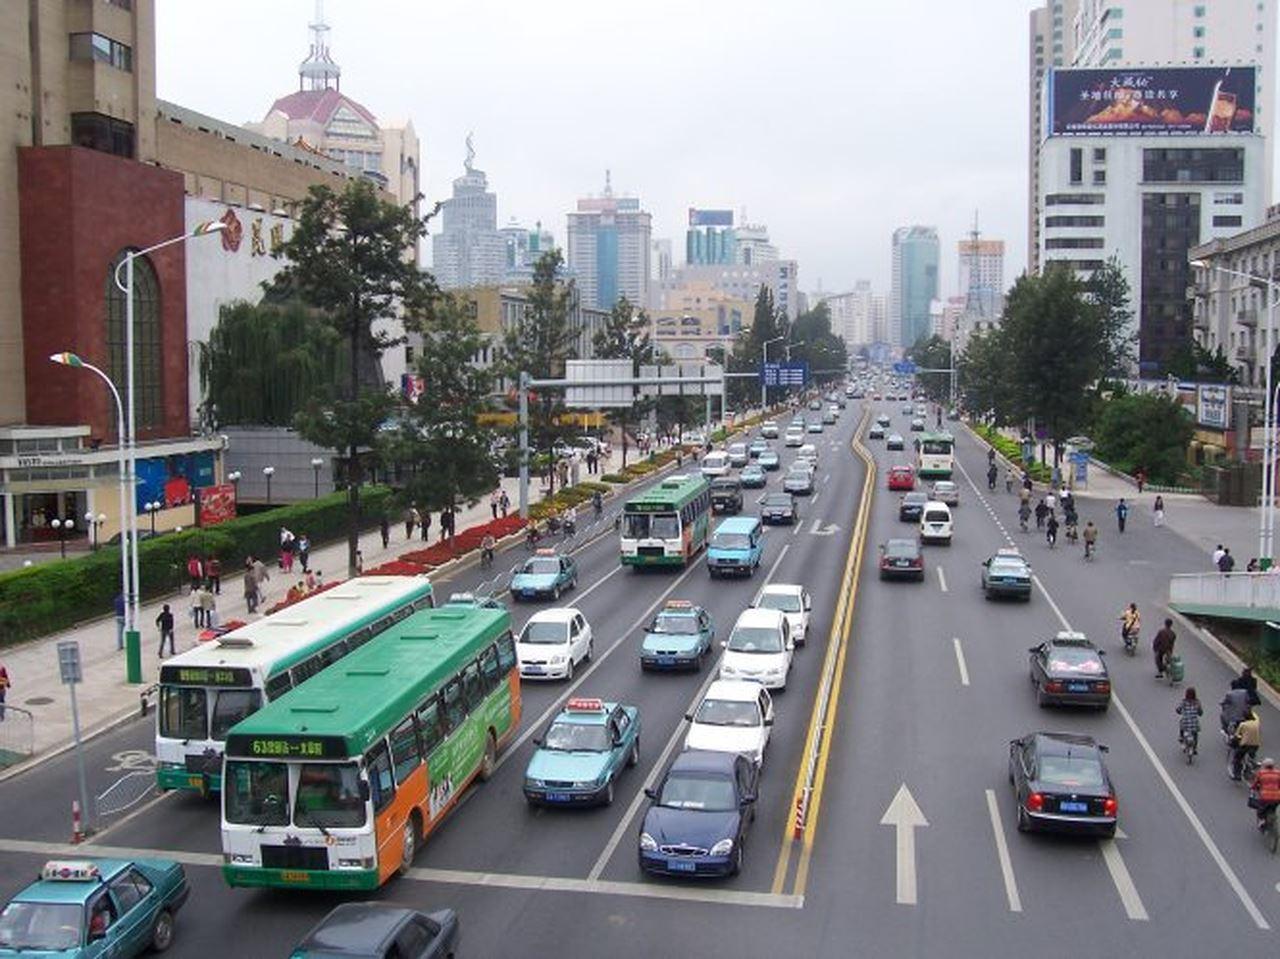 Du lịch Côn Minh, Trung Quốc